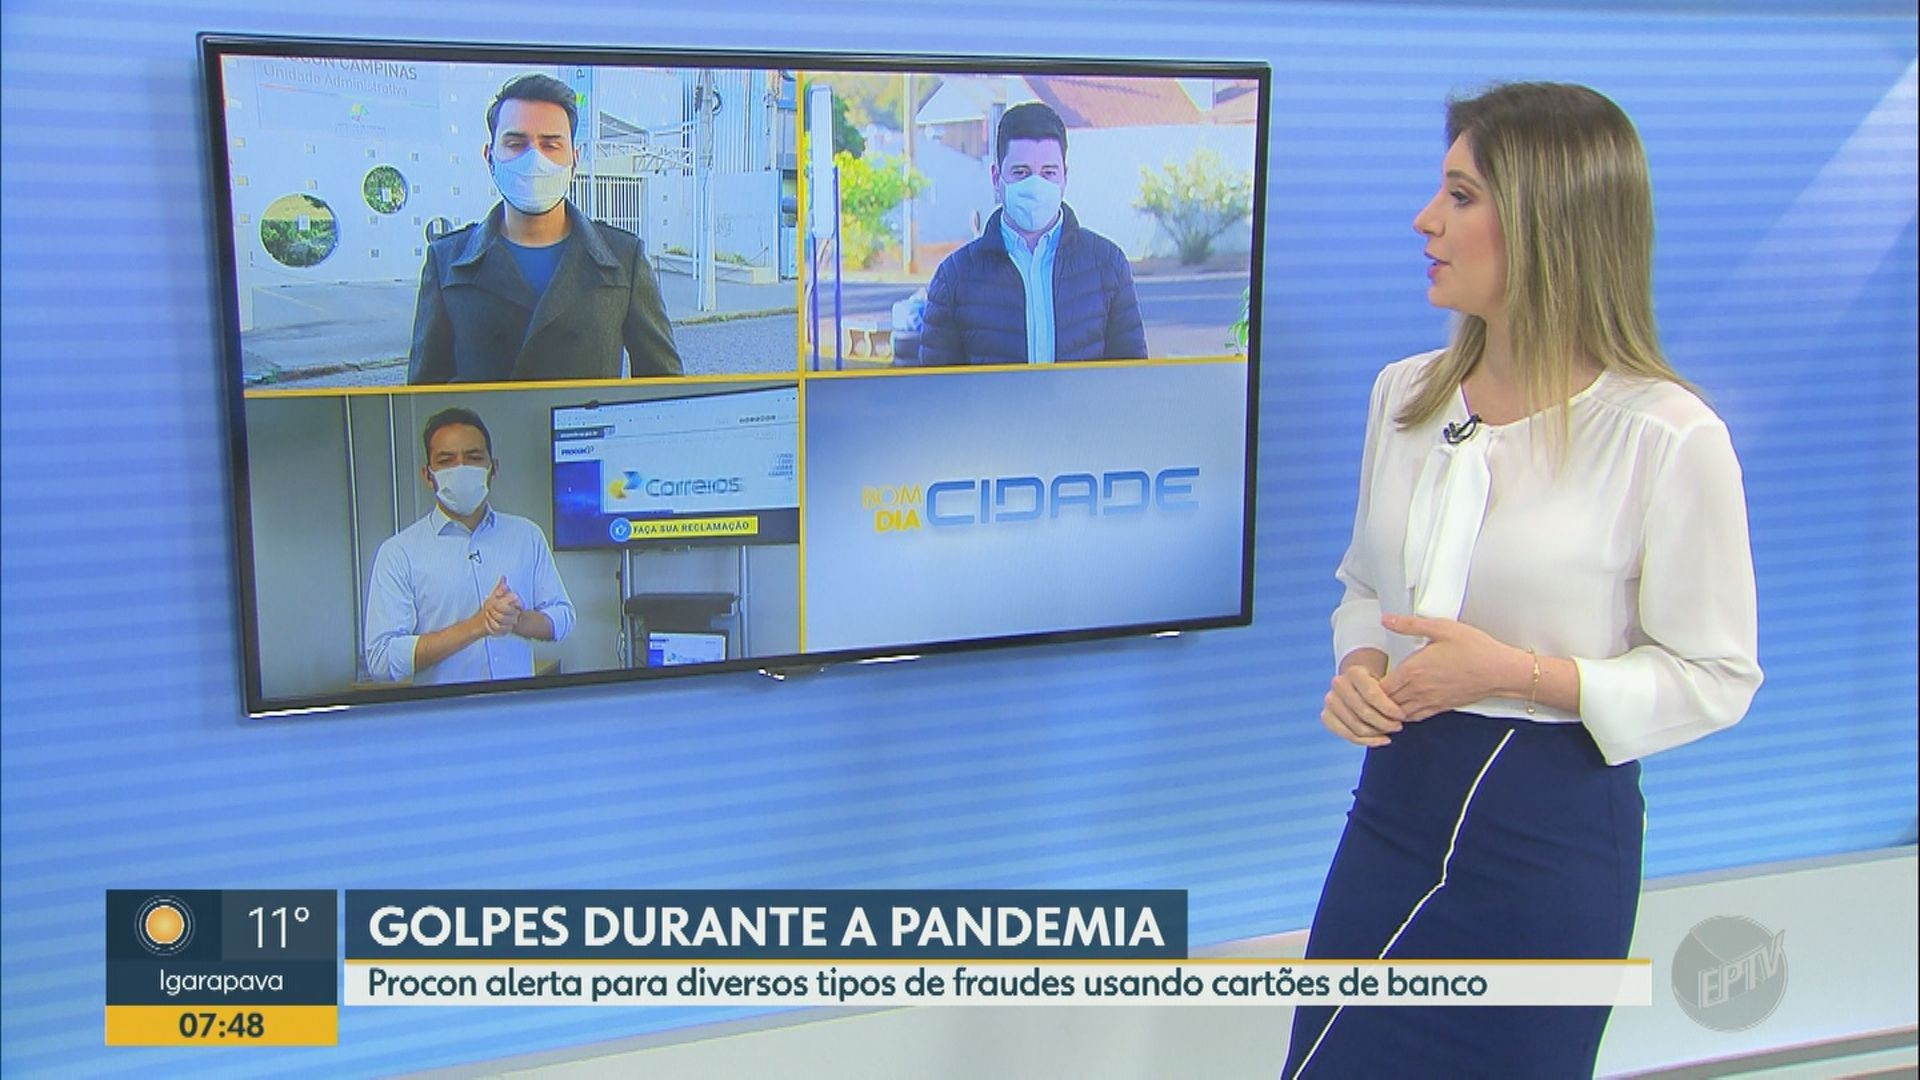 VÍDEOS: Bom Dia Cidade região de Campinas de quarta-feira, 5 de agosto